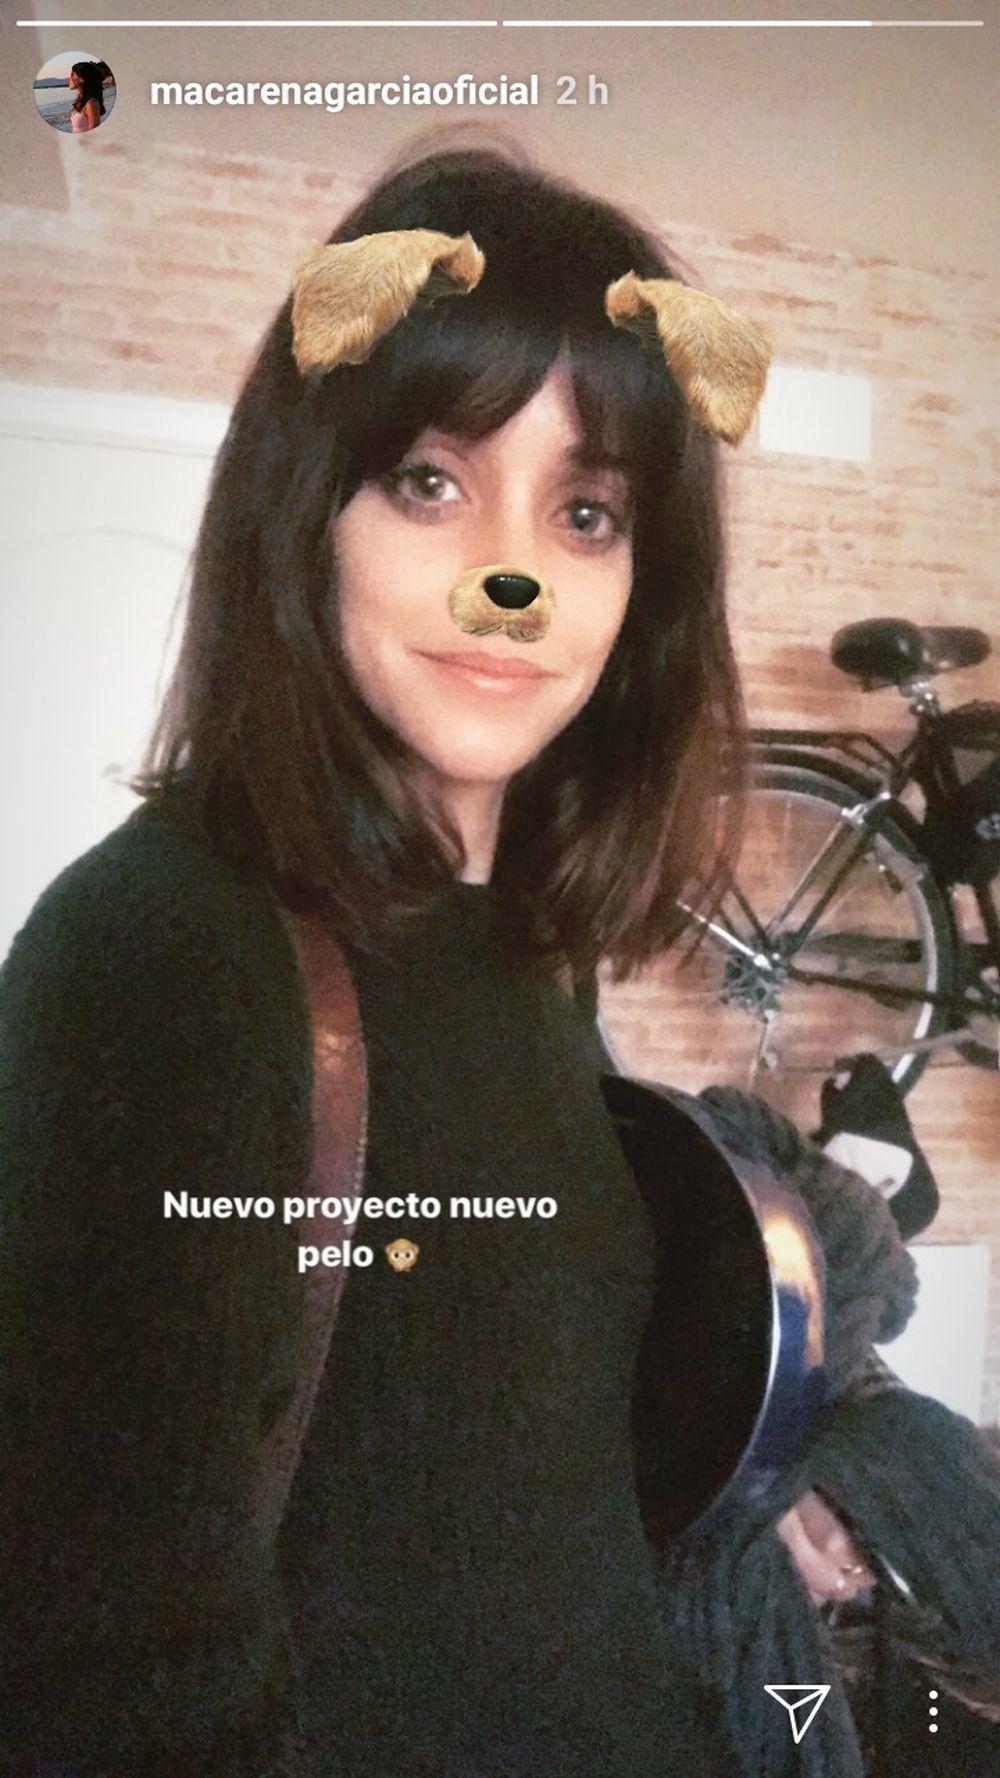 Macarena García con su nuevo look, un long bob con flequillo cortina...